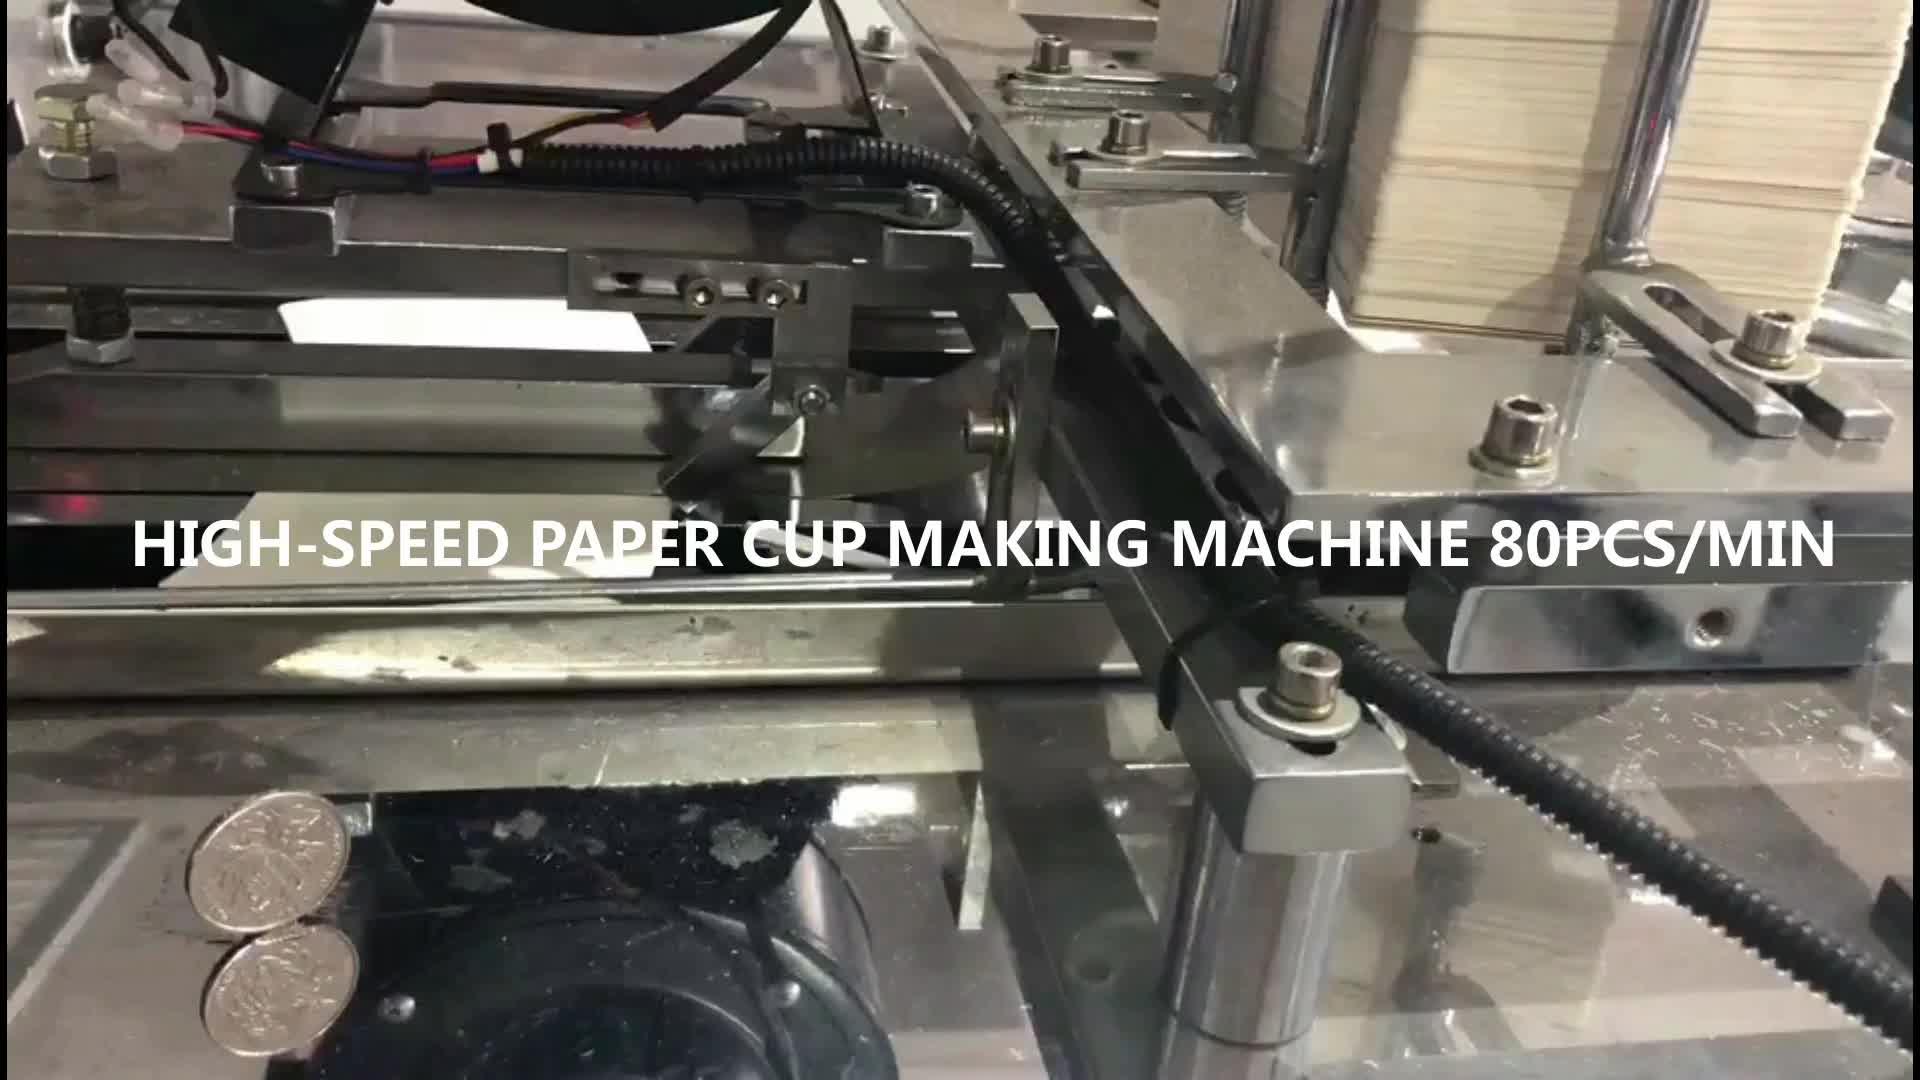 ZB-A12 yüksek hızlı otomatik ultrasonik tek kullanımlık şekillendirme kağıt bardak yapma makinesi fiyat